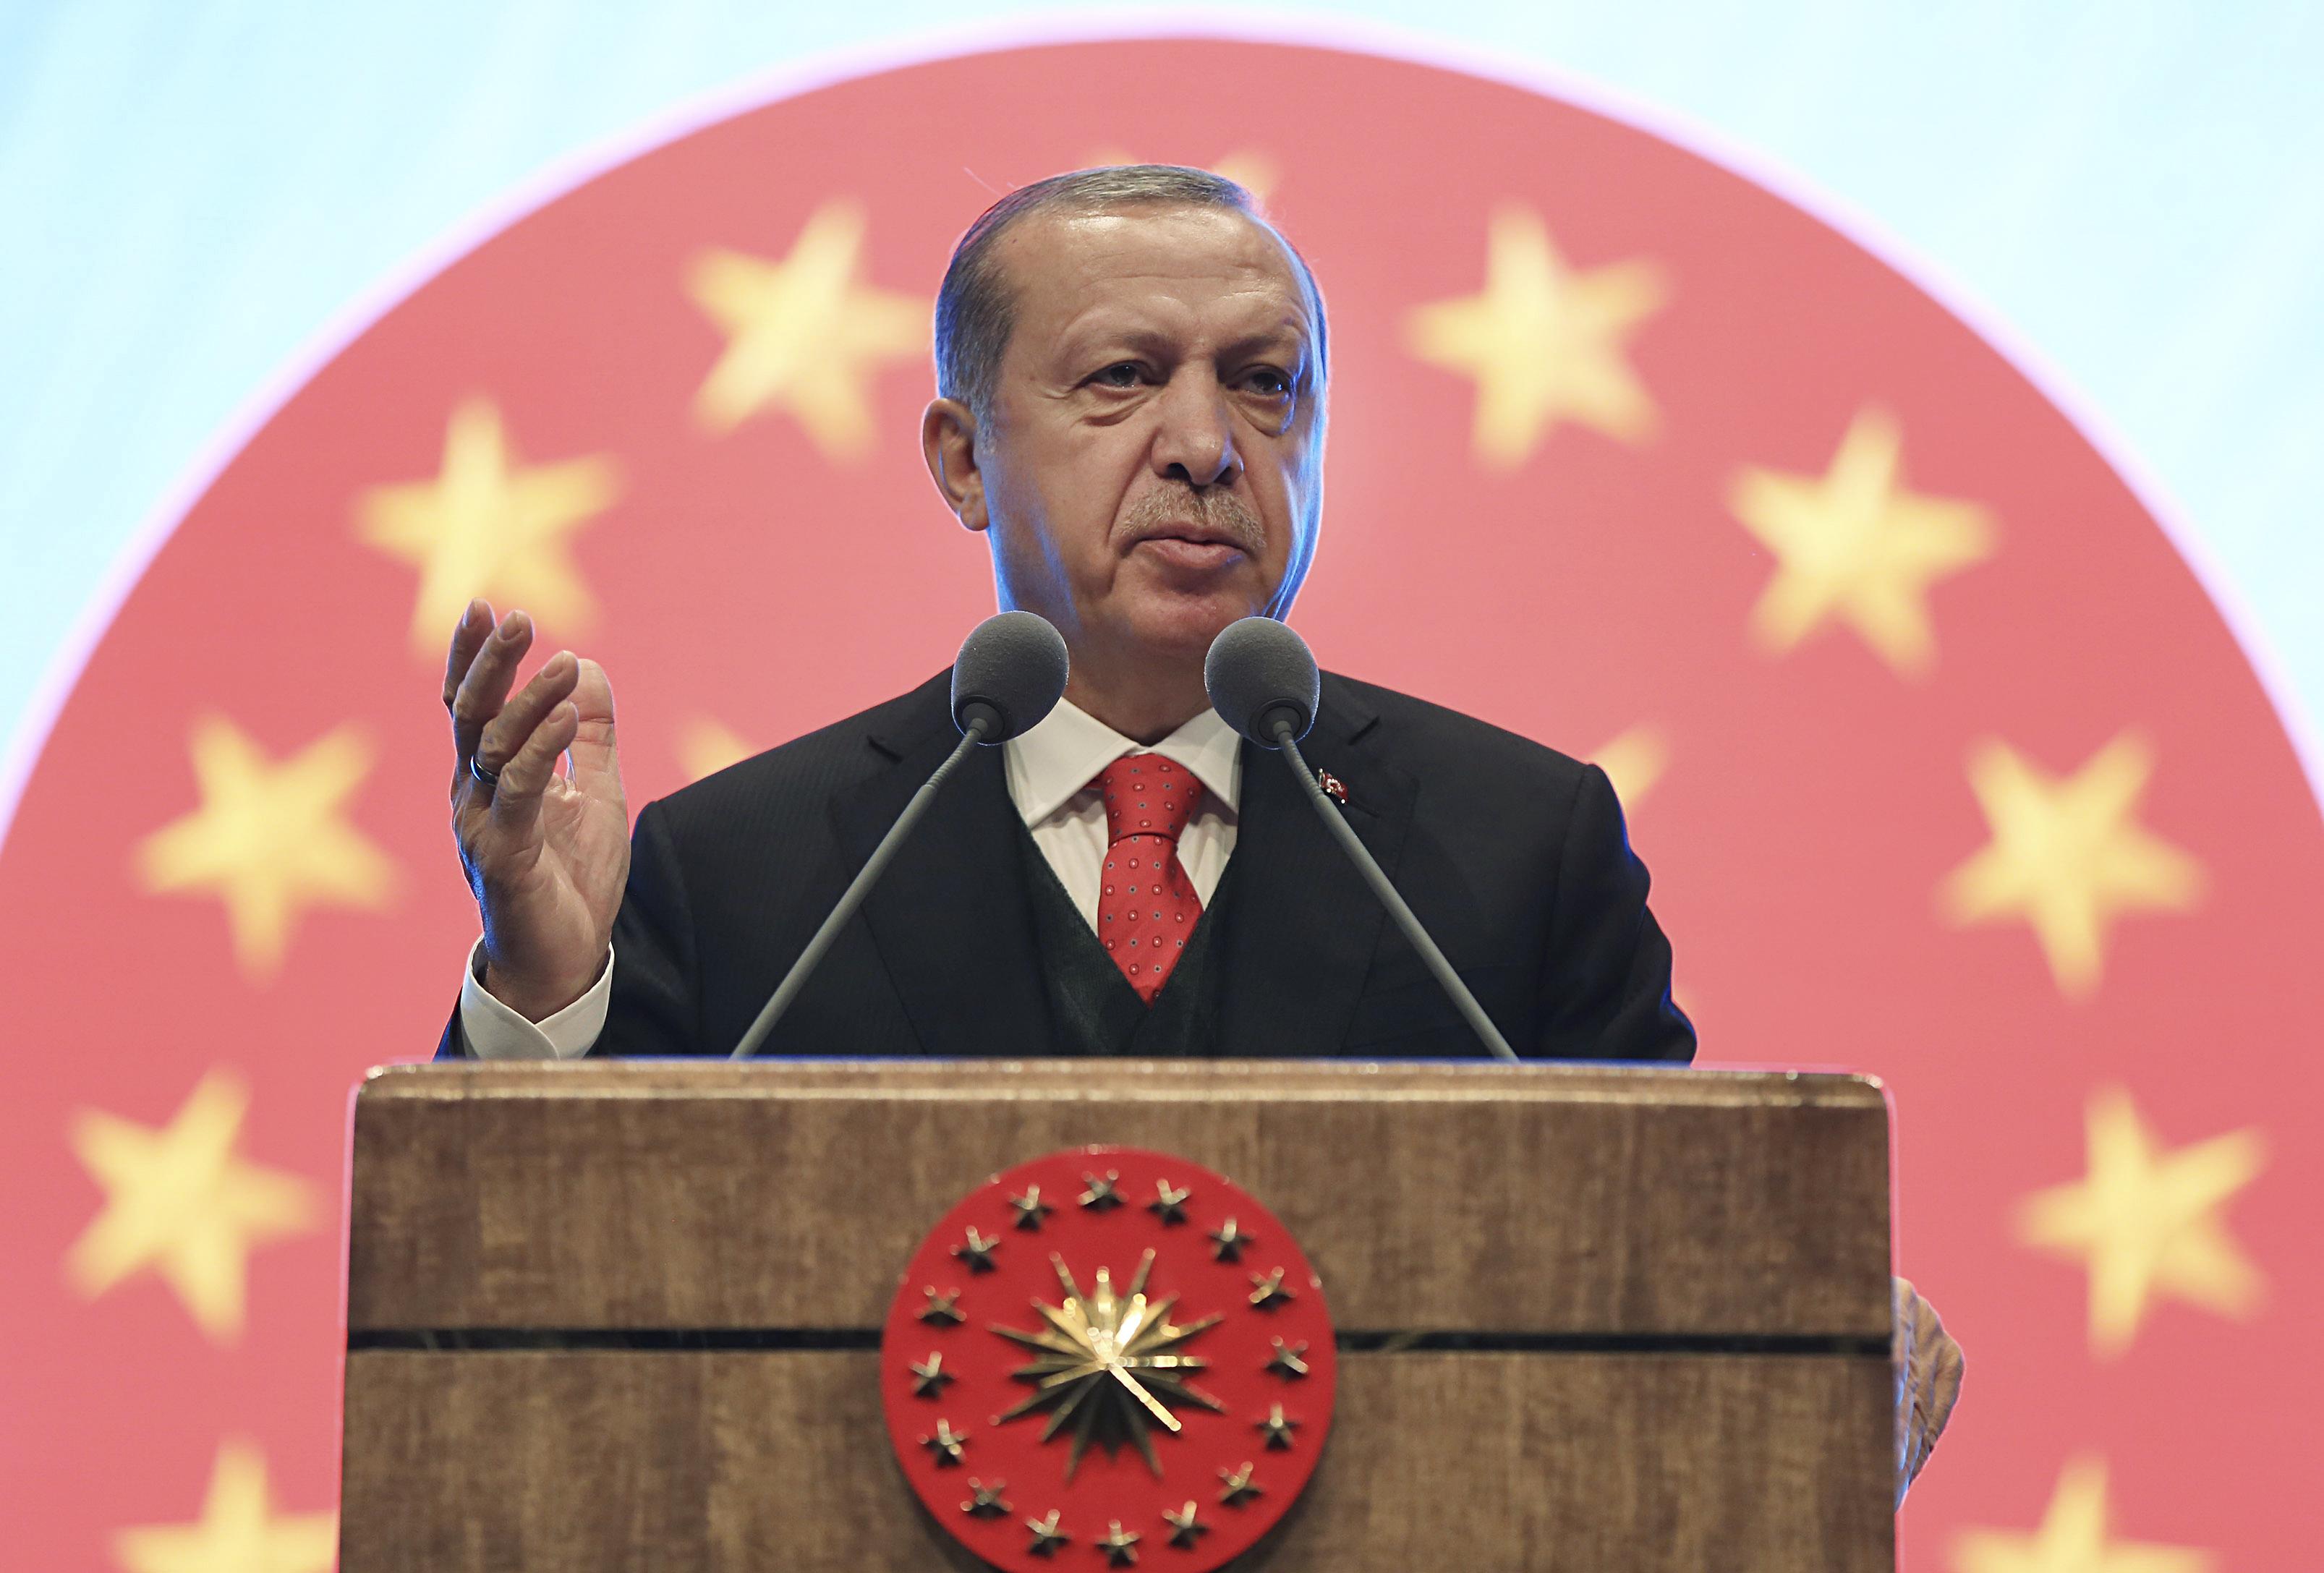 Liderul Recep Tayyip Erdogan își consolidează puterea prin măsuri extreme